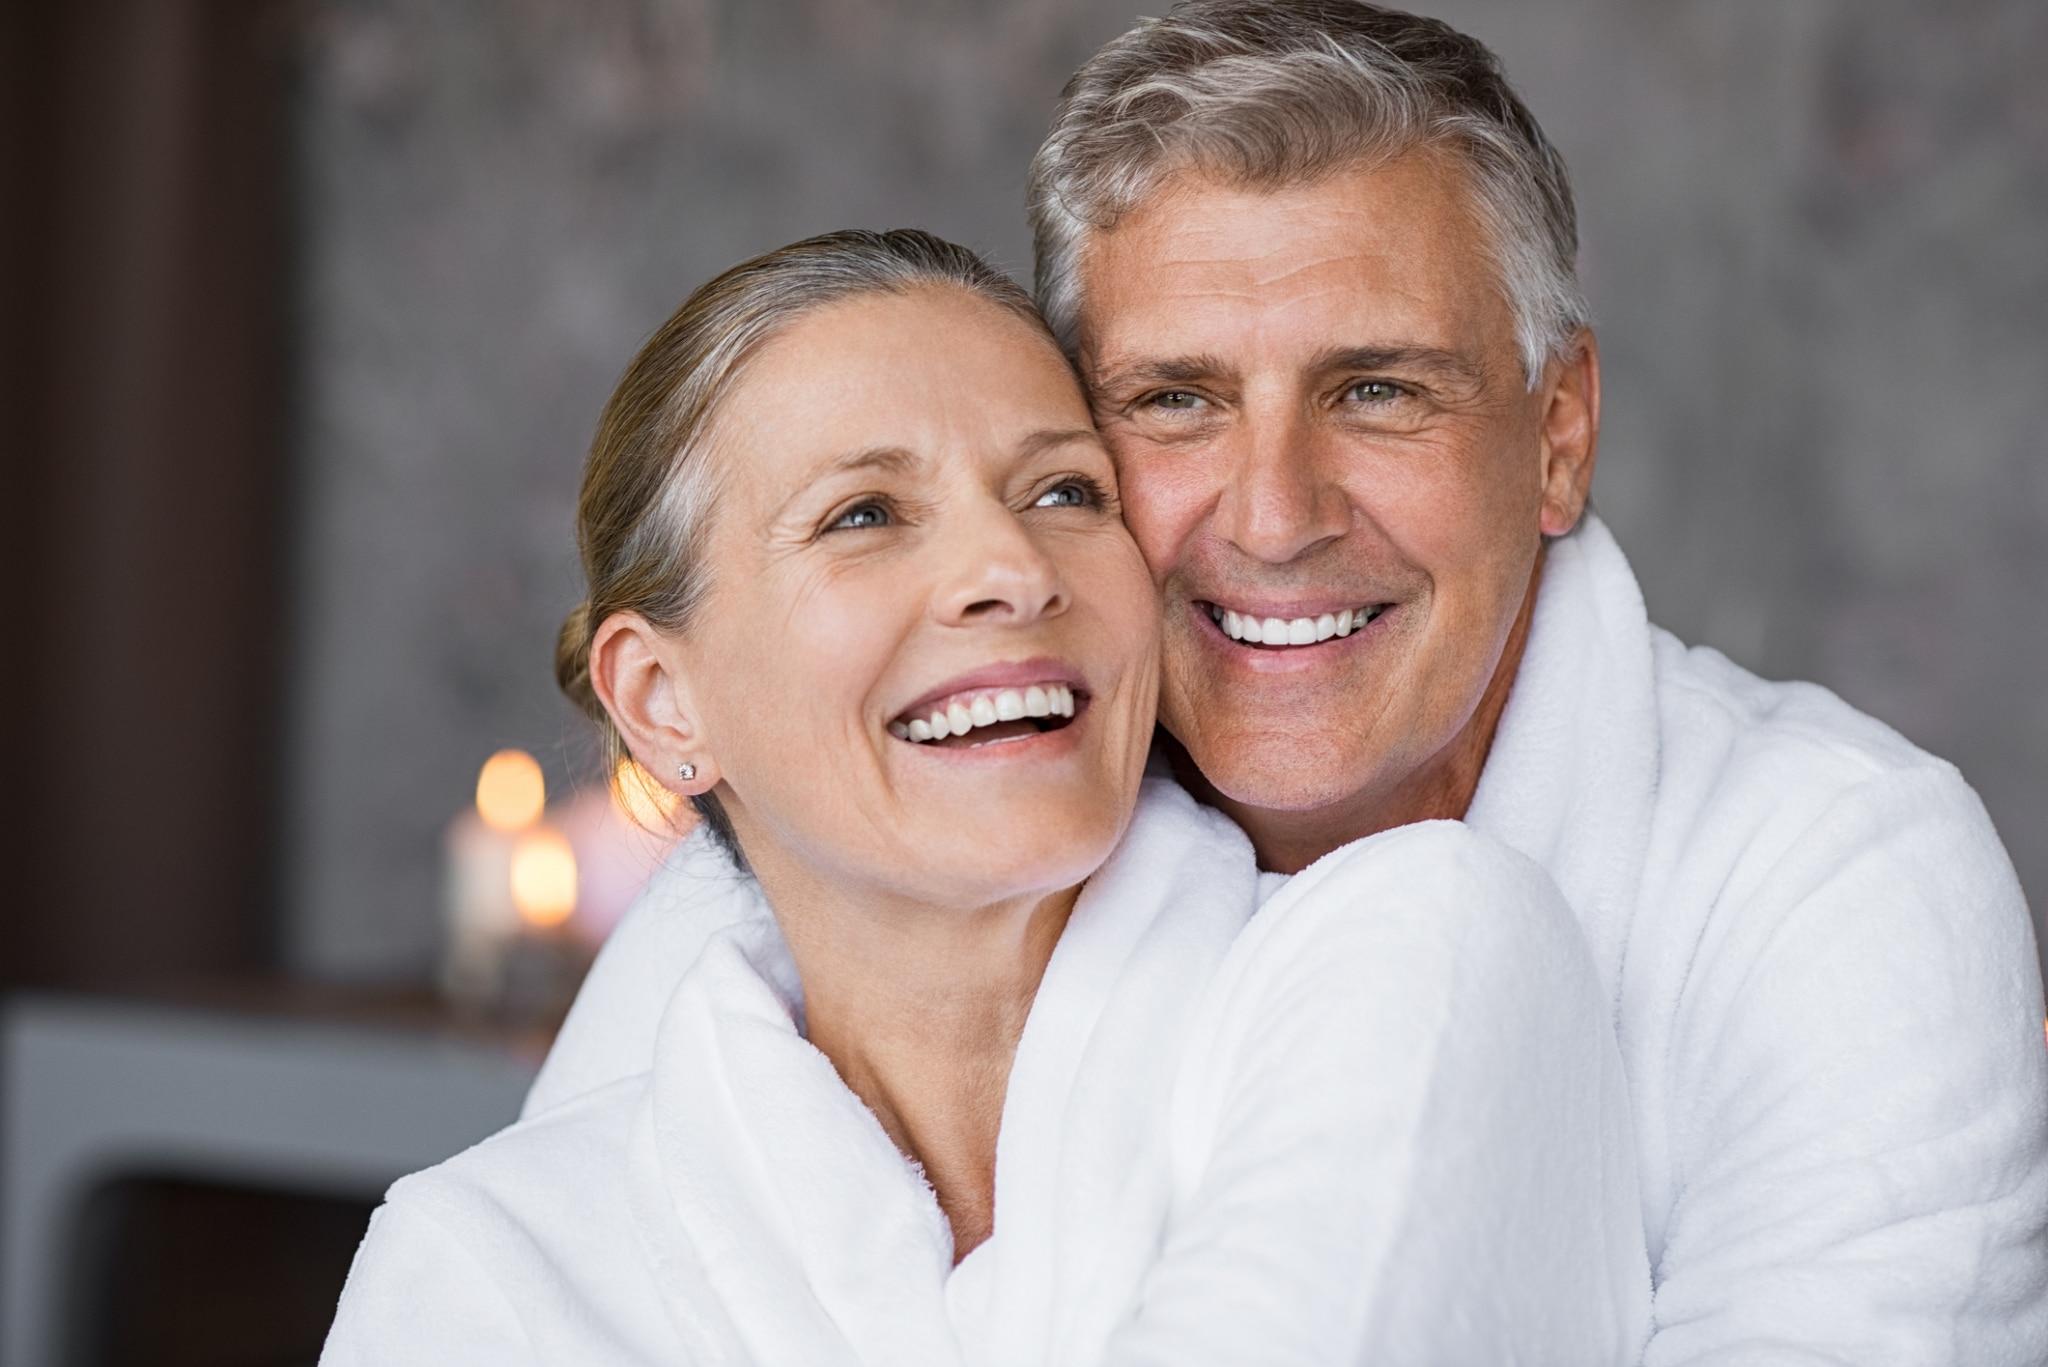 Best Ager Paar in Bademantel umarmt sich lachend